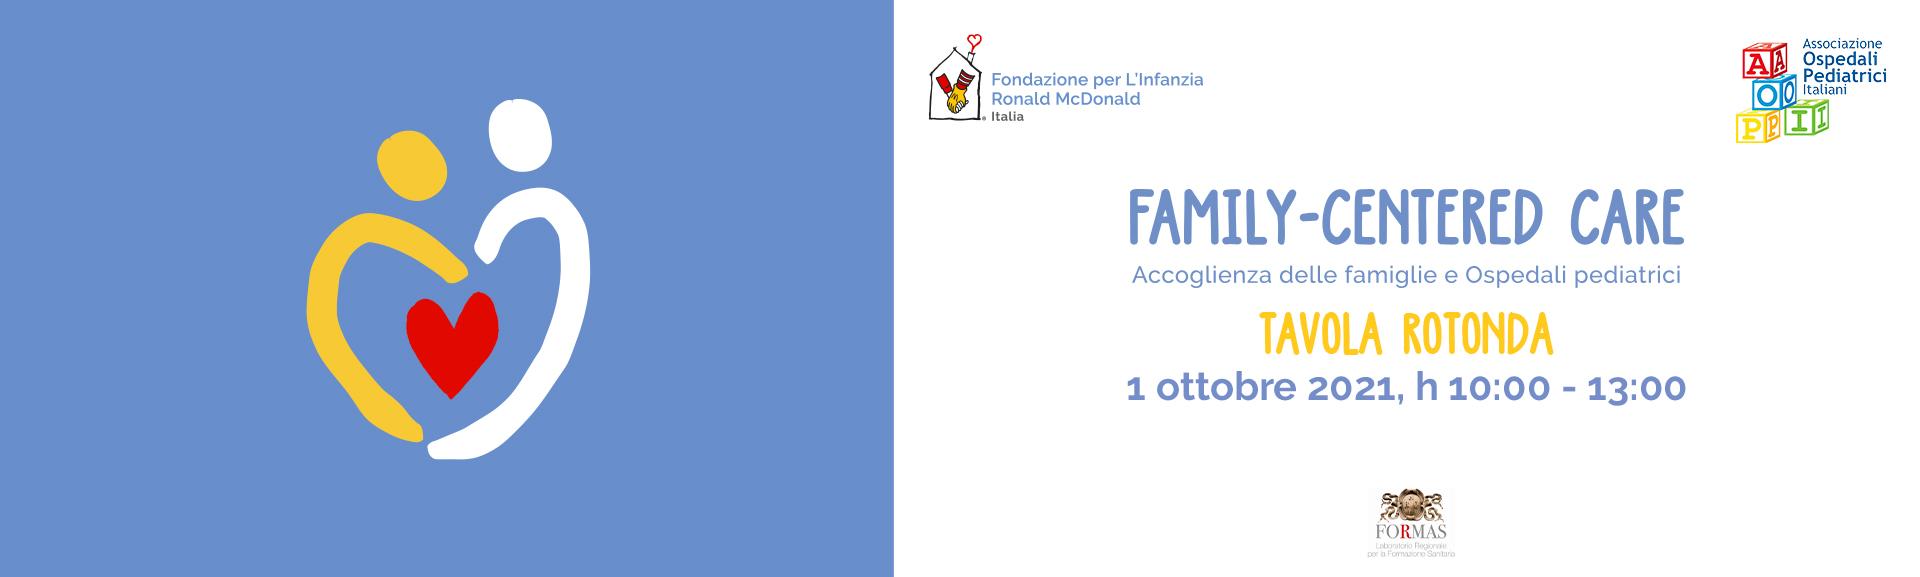 Family-Centered Care: accoglienza delle famiglie e Ospedali pediatrici.